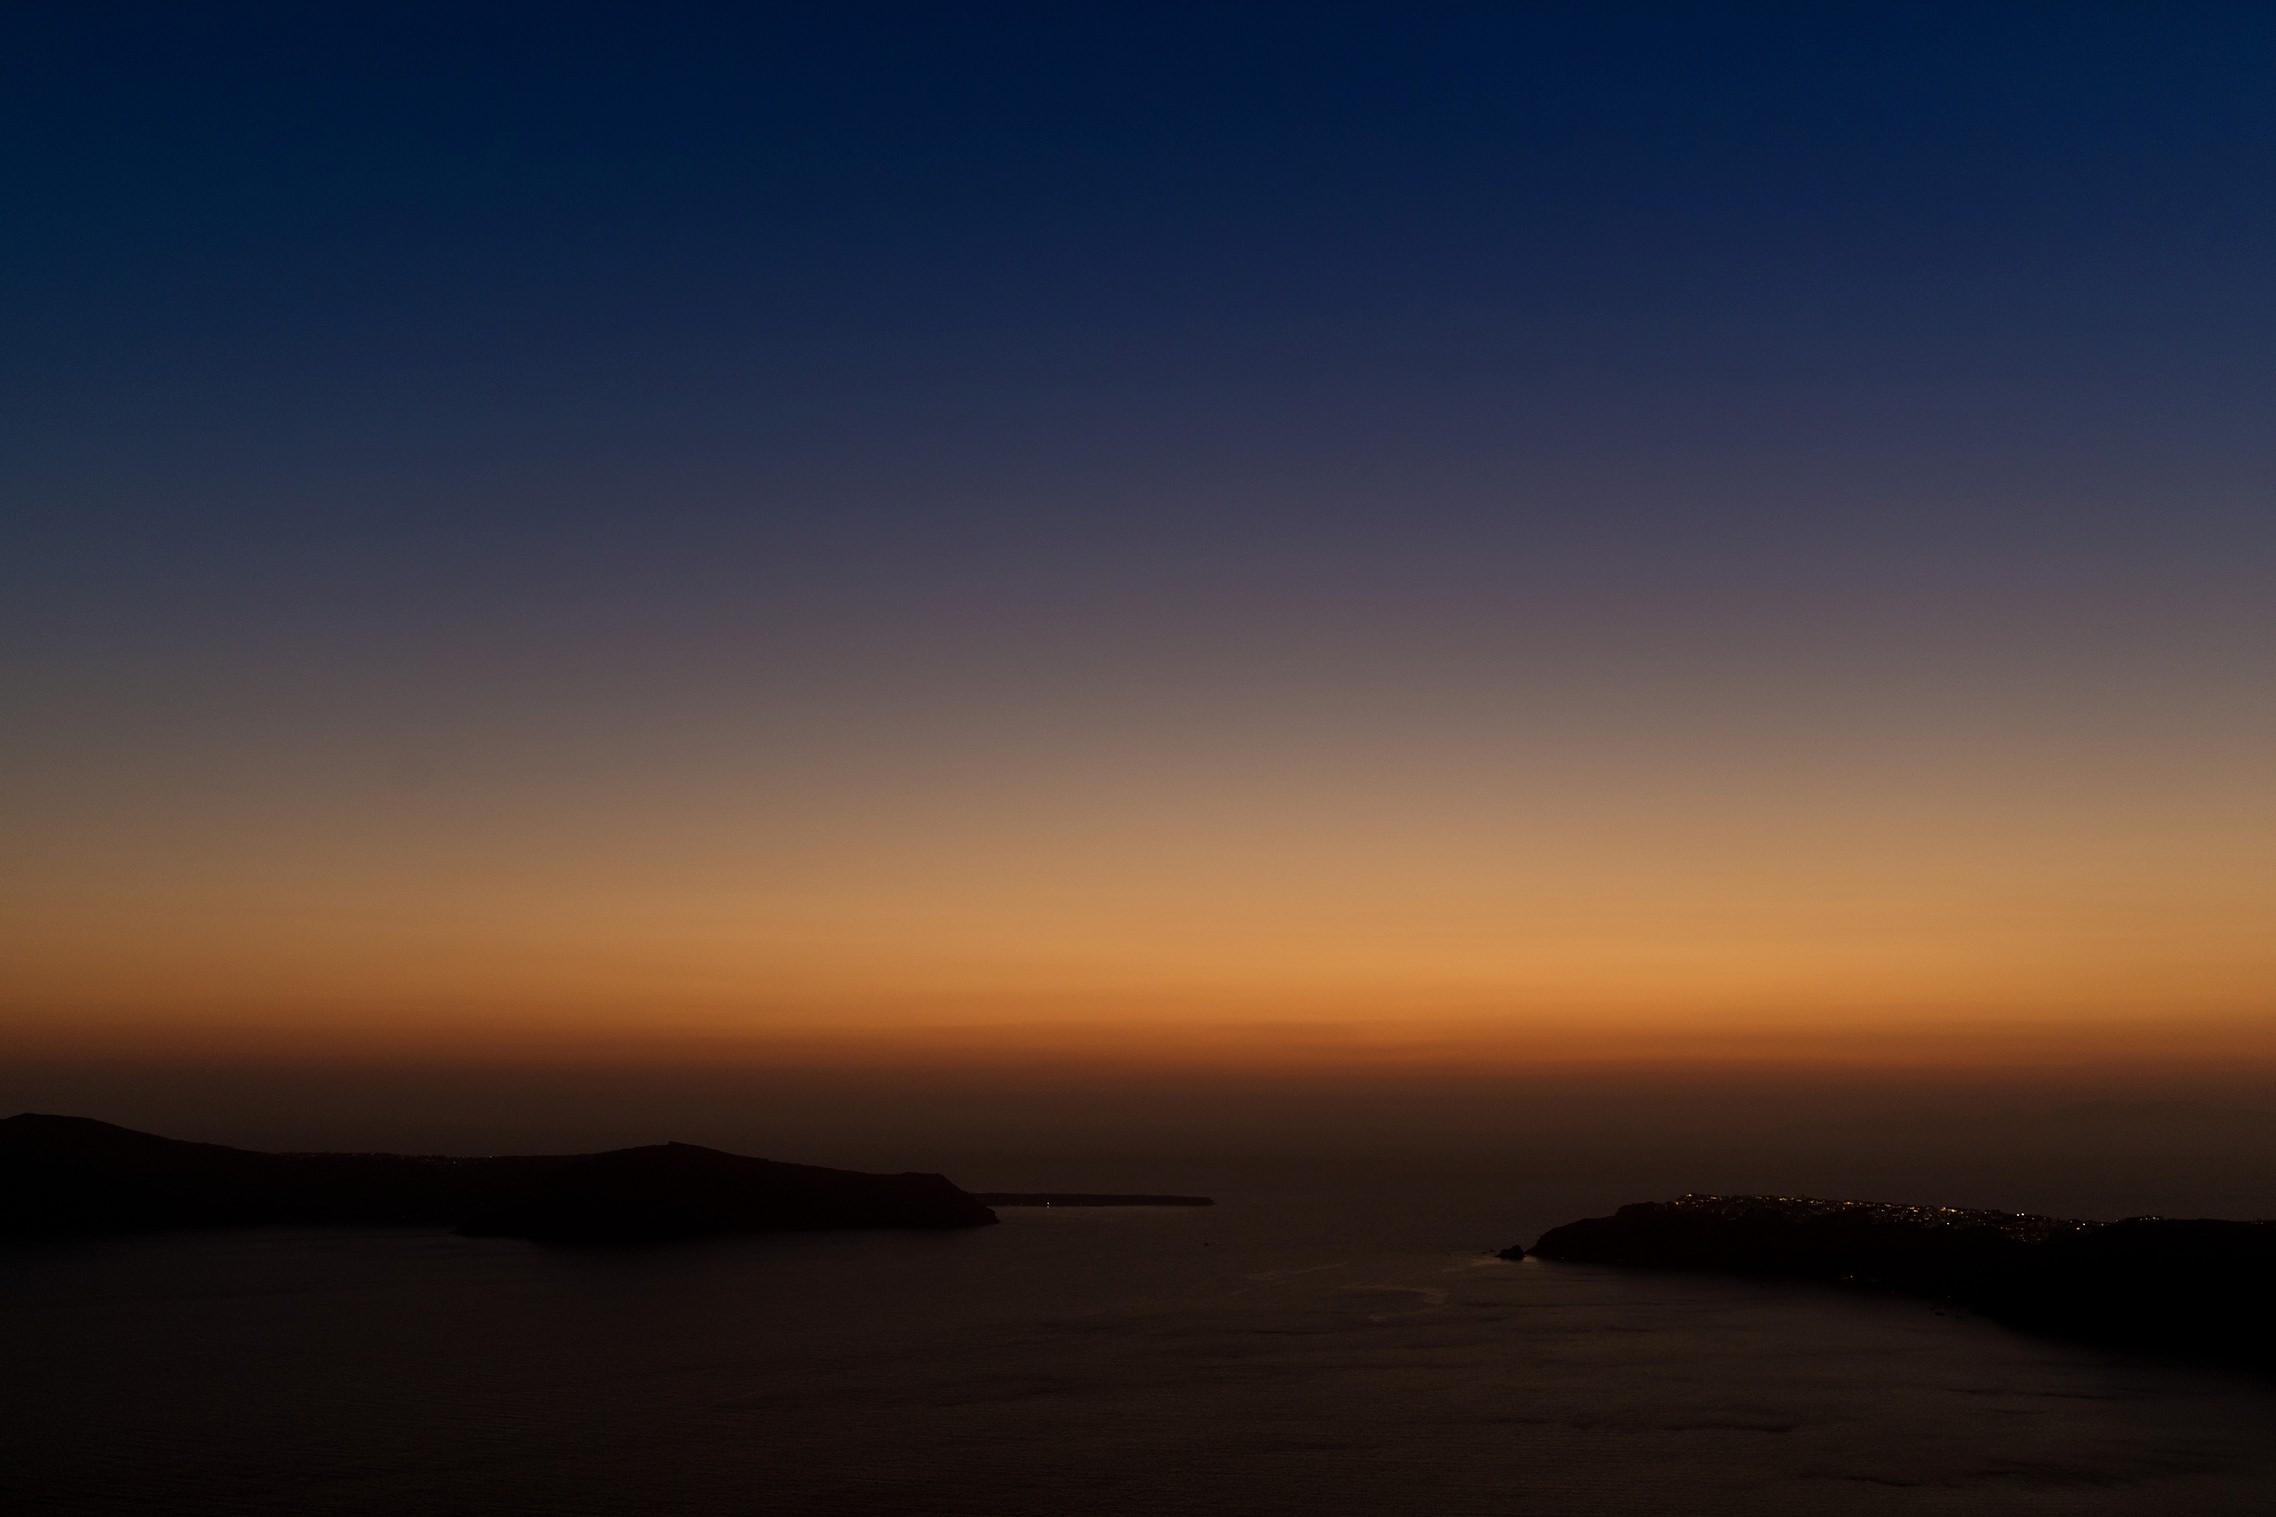 Kurz nach Sonnenuntergang - blaue Stunde auf Santorini.